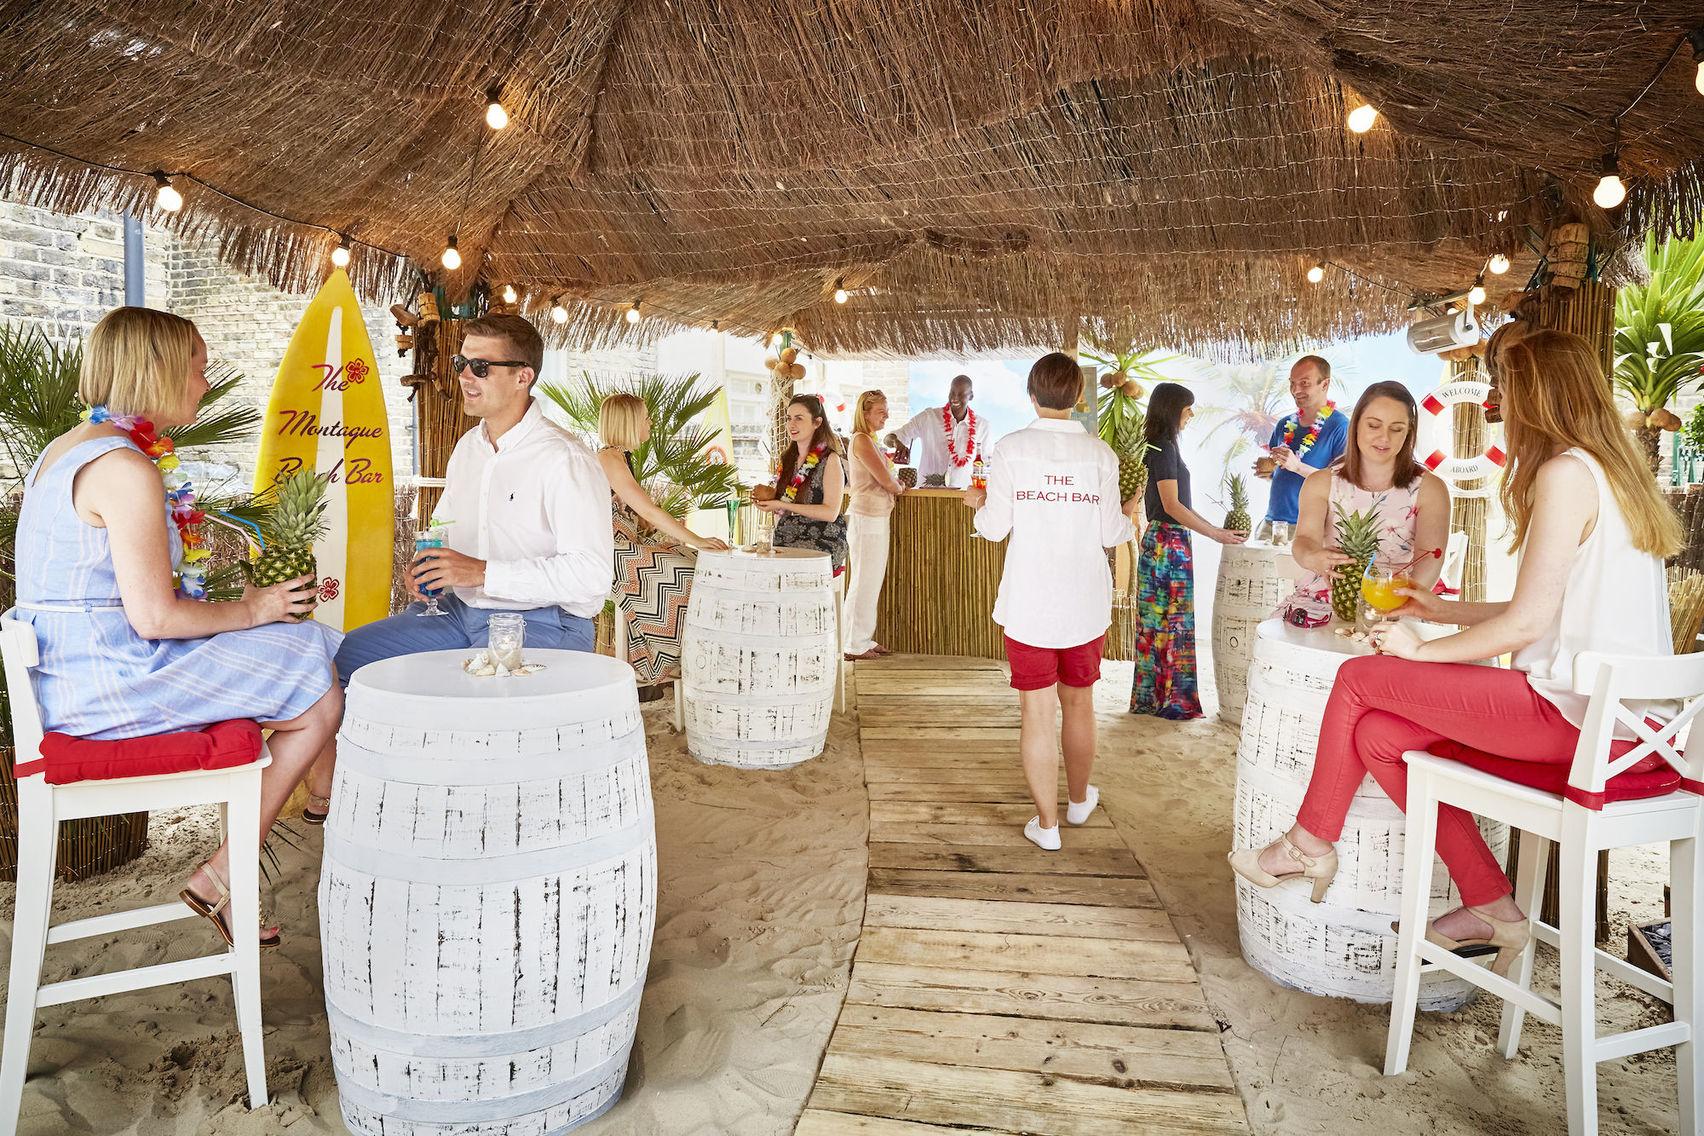 The Beach Bar, The Montague on the Gardens